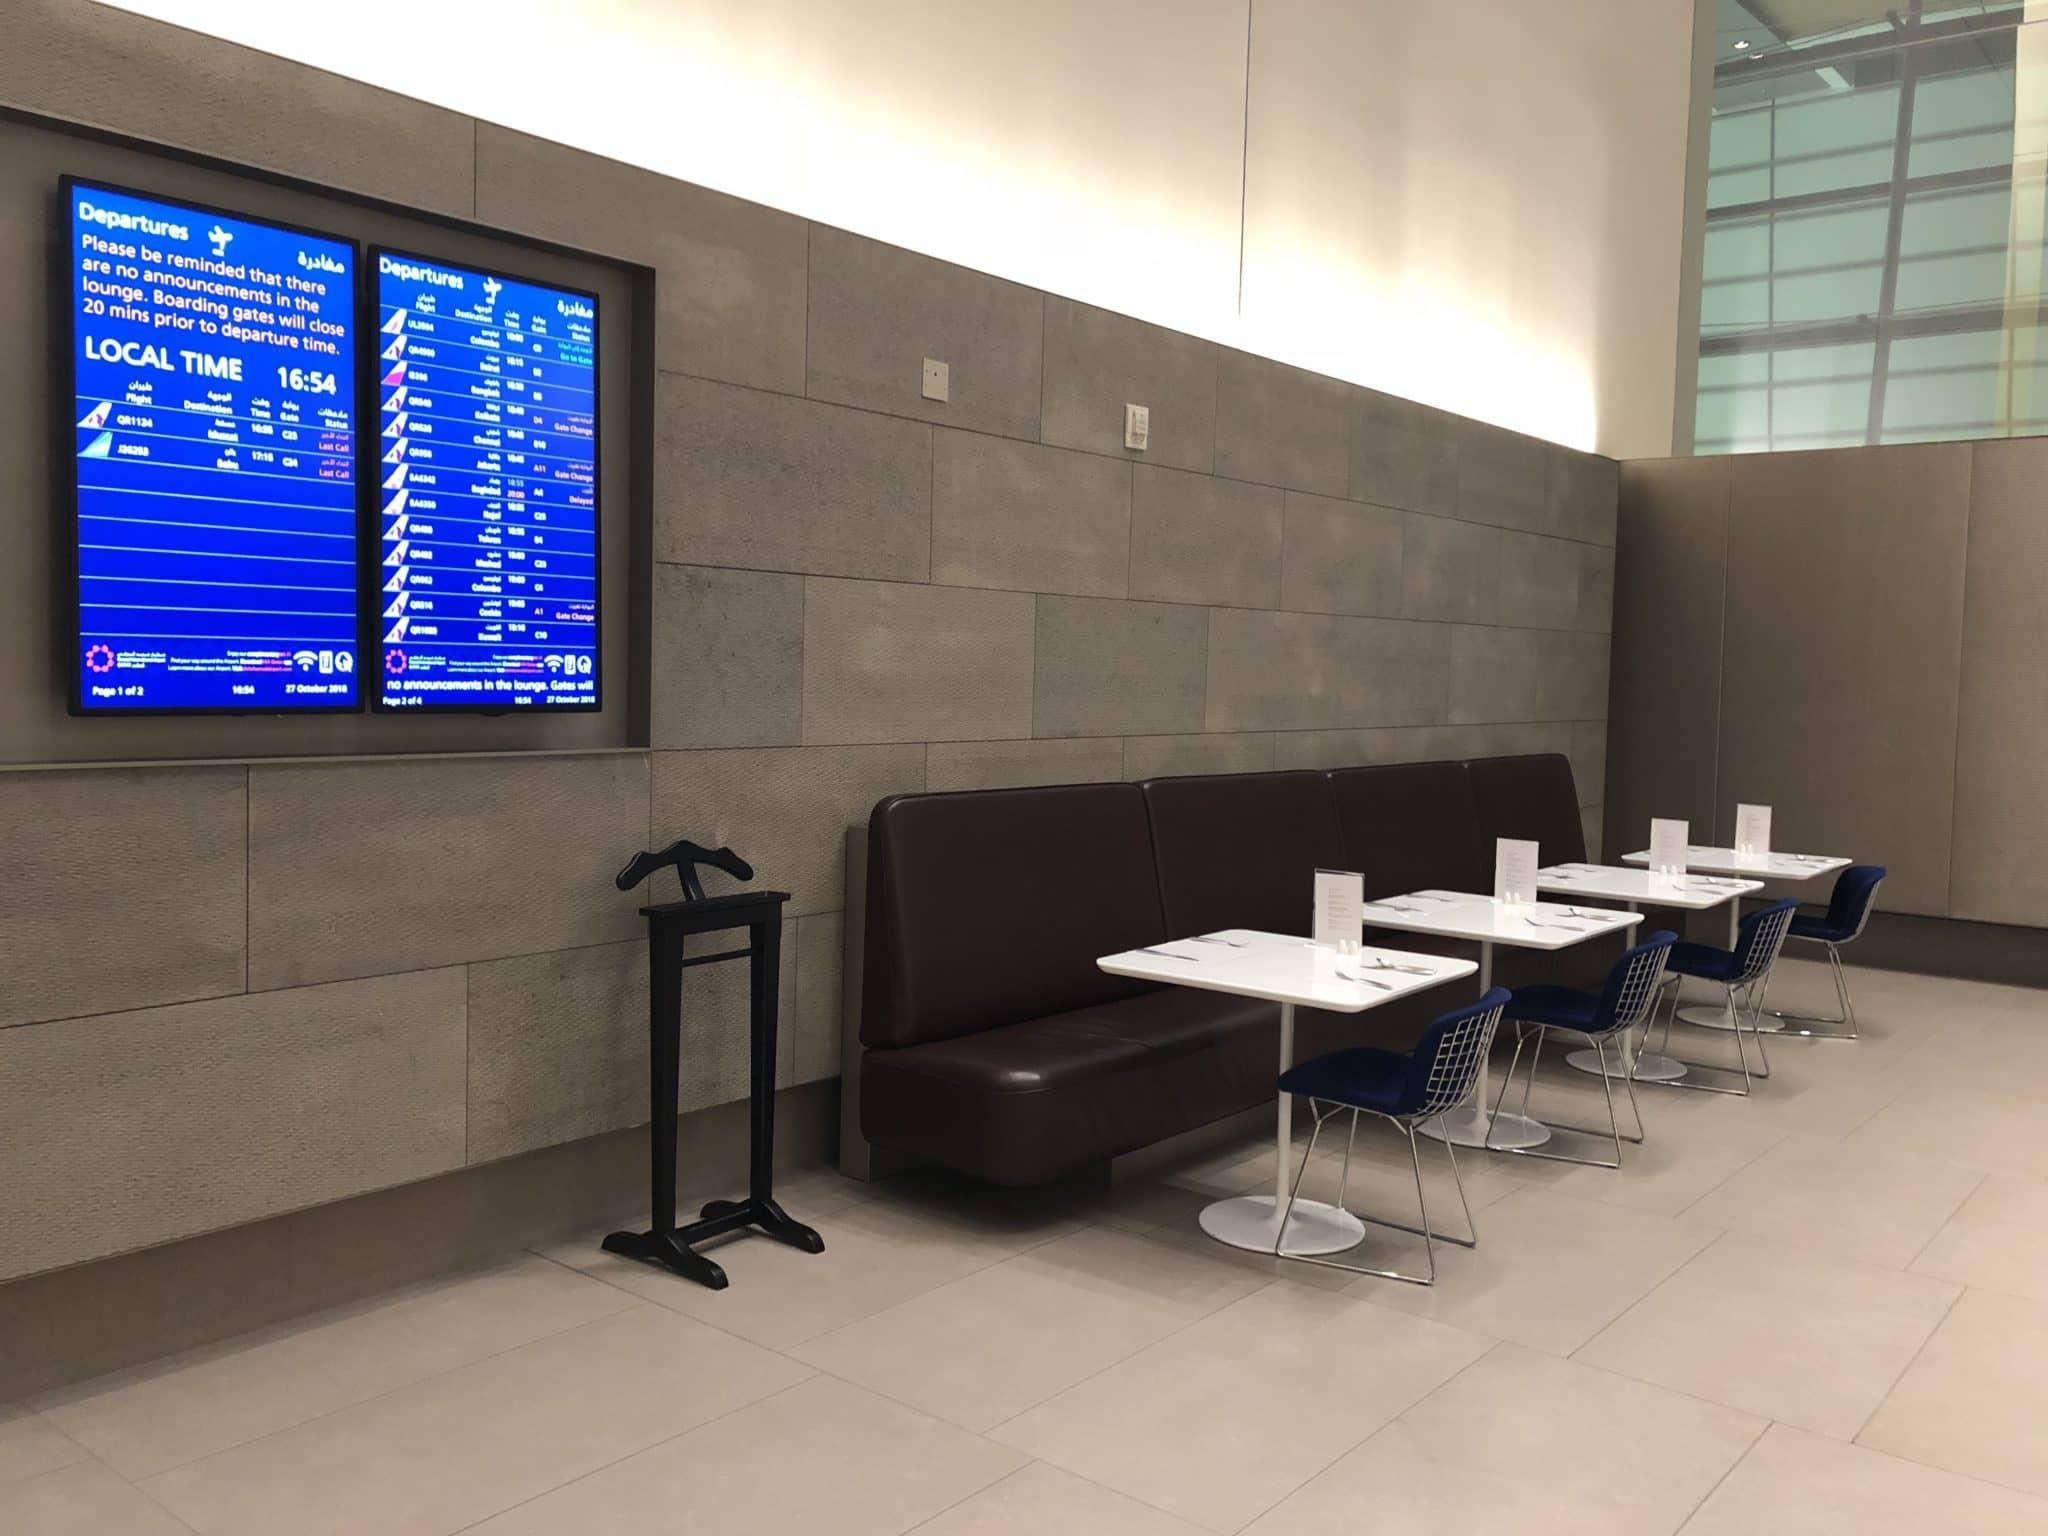 Qatar Airways Al Mourjan Business Class Lounge Sitzmoeglichkeiten Restaurant hinten